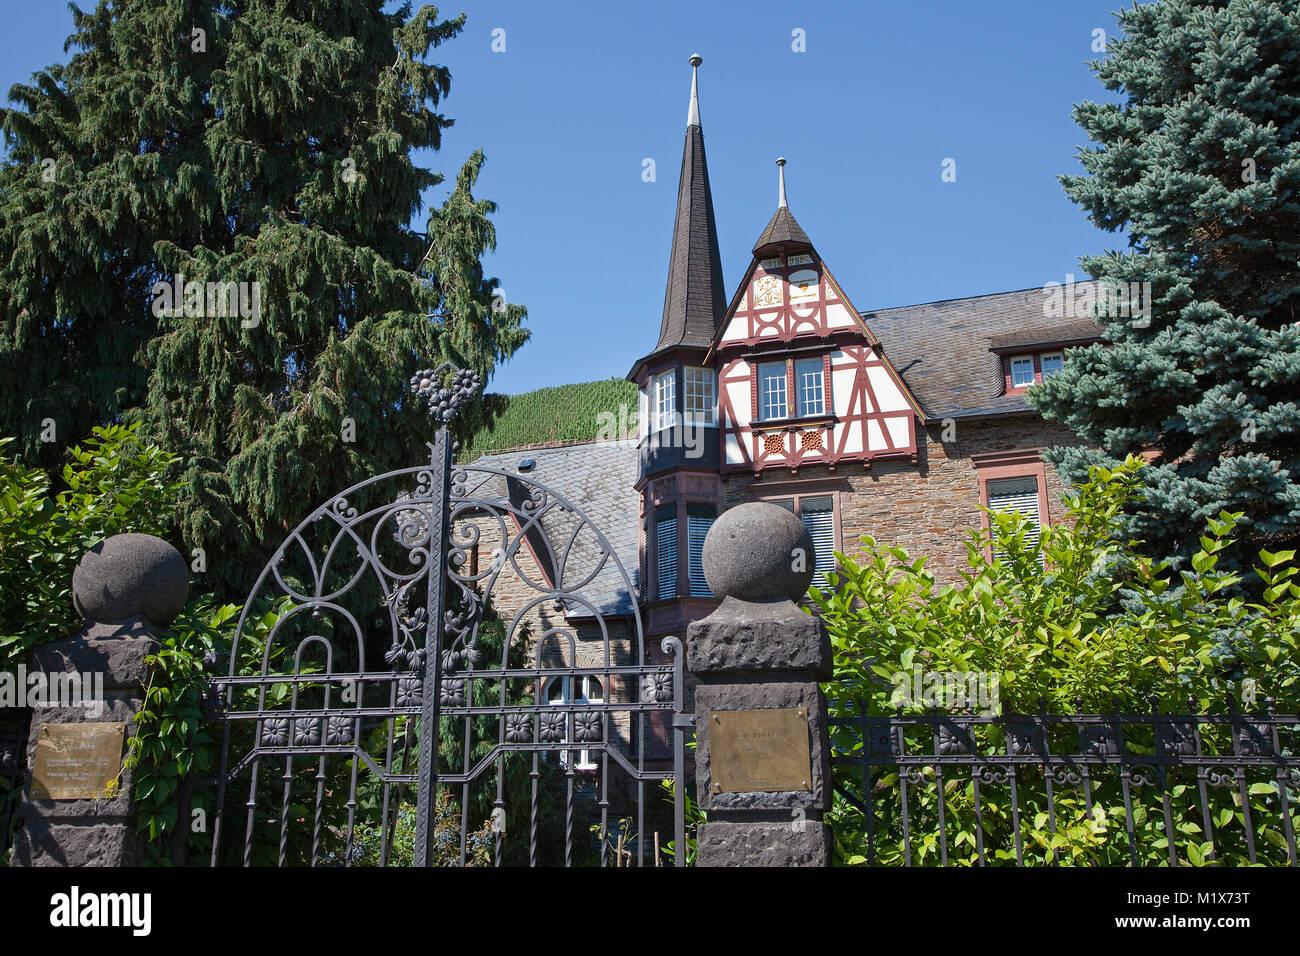 Vineyard estate Berres at wine village Uerzig, Moselle river, Rhineland-Palatinate, Germany, Europe Stock Photo